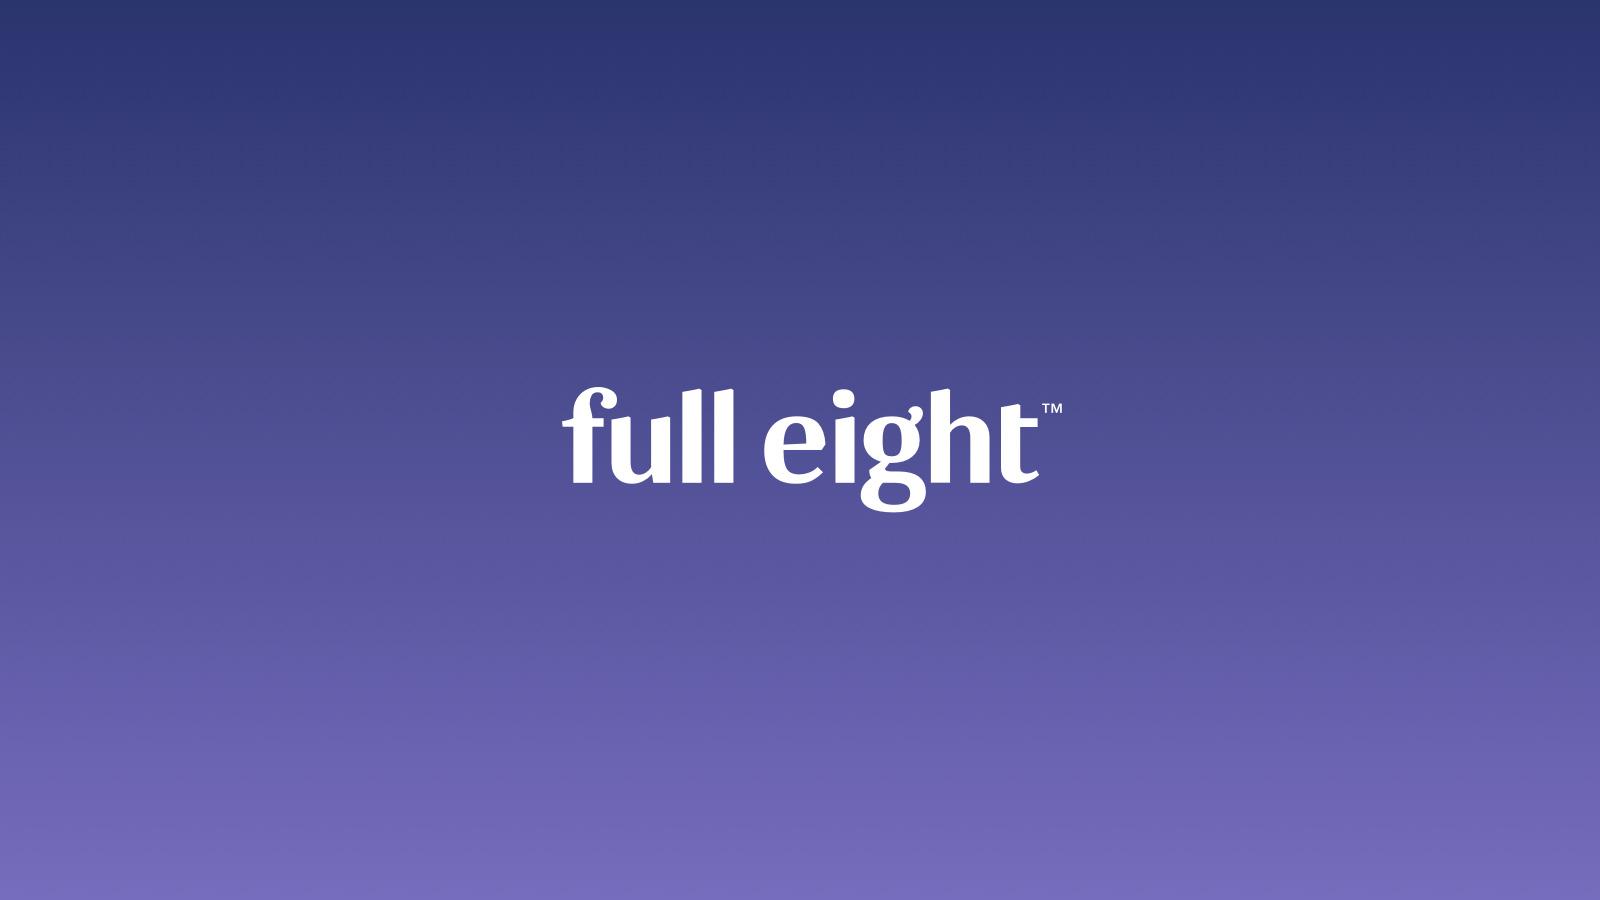 Brand Identity for Full Eight